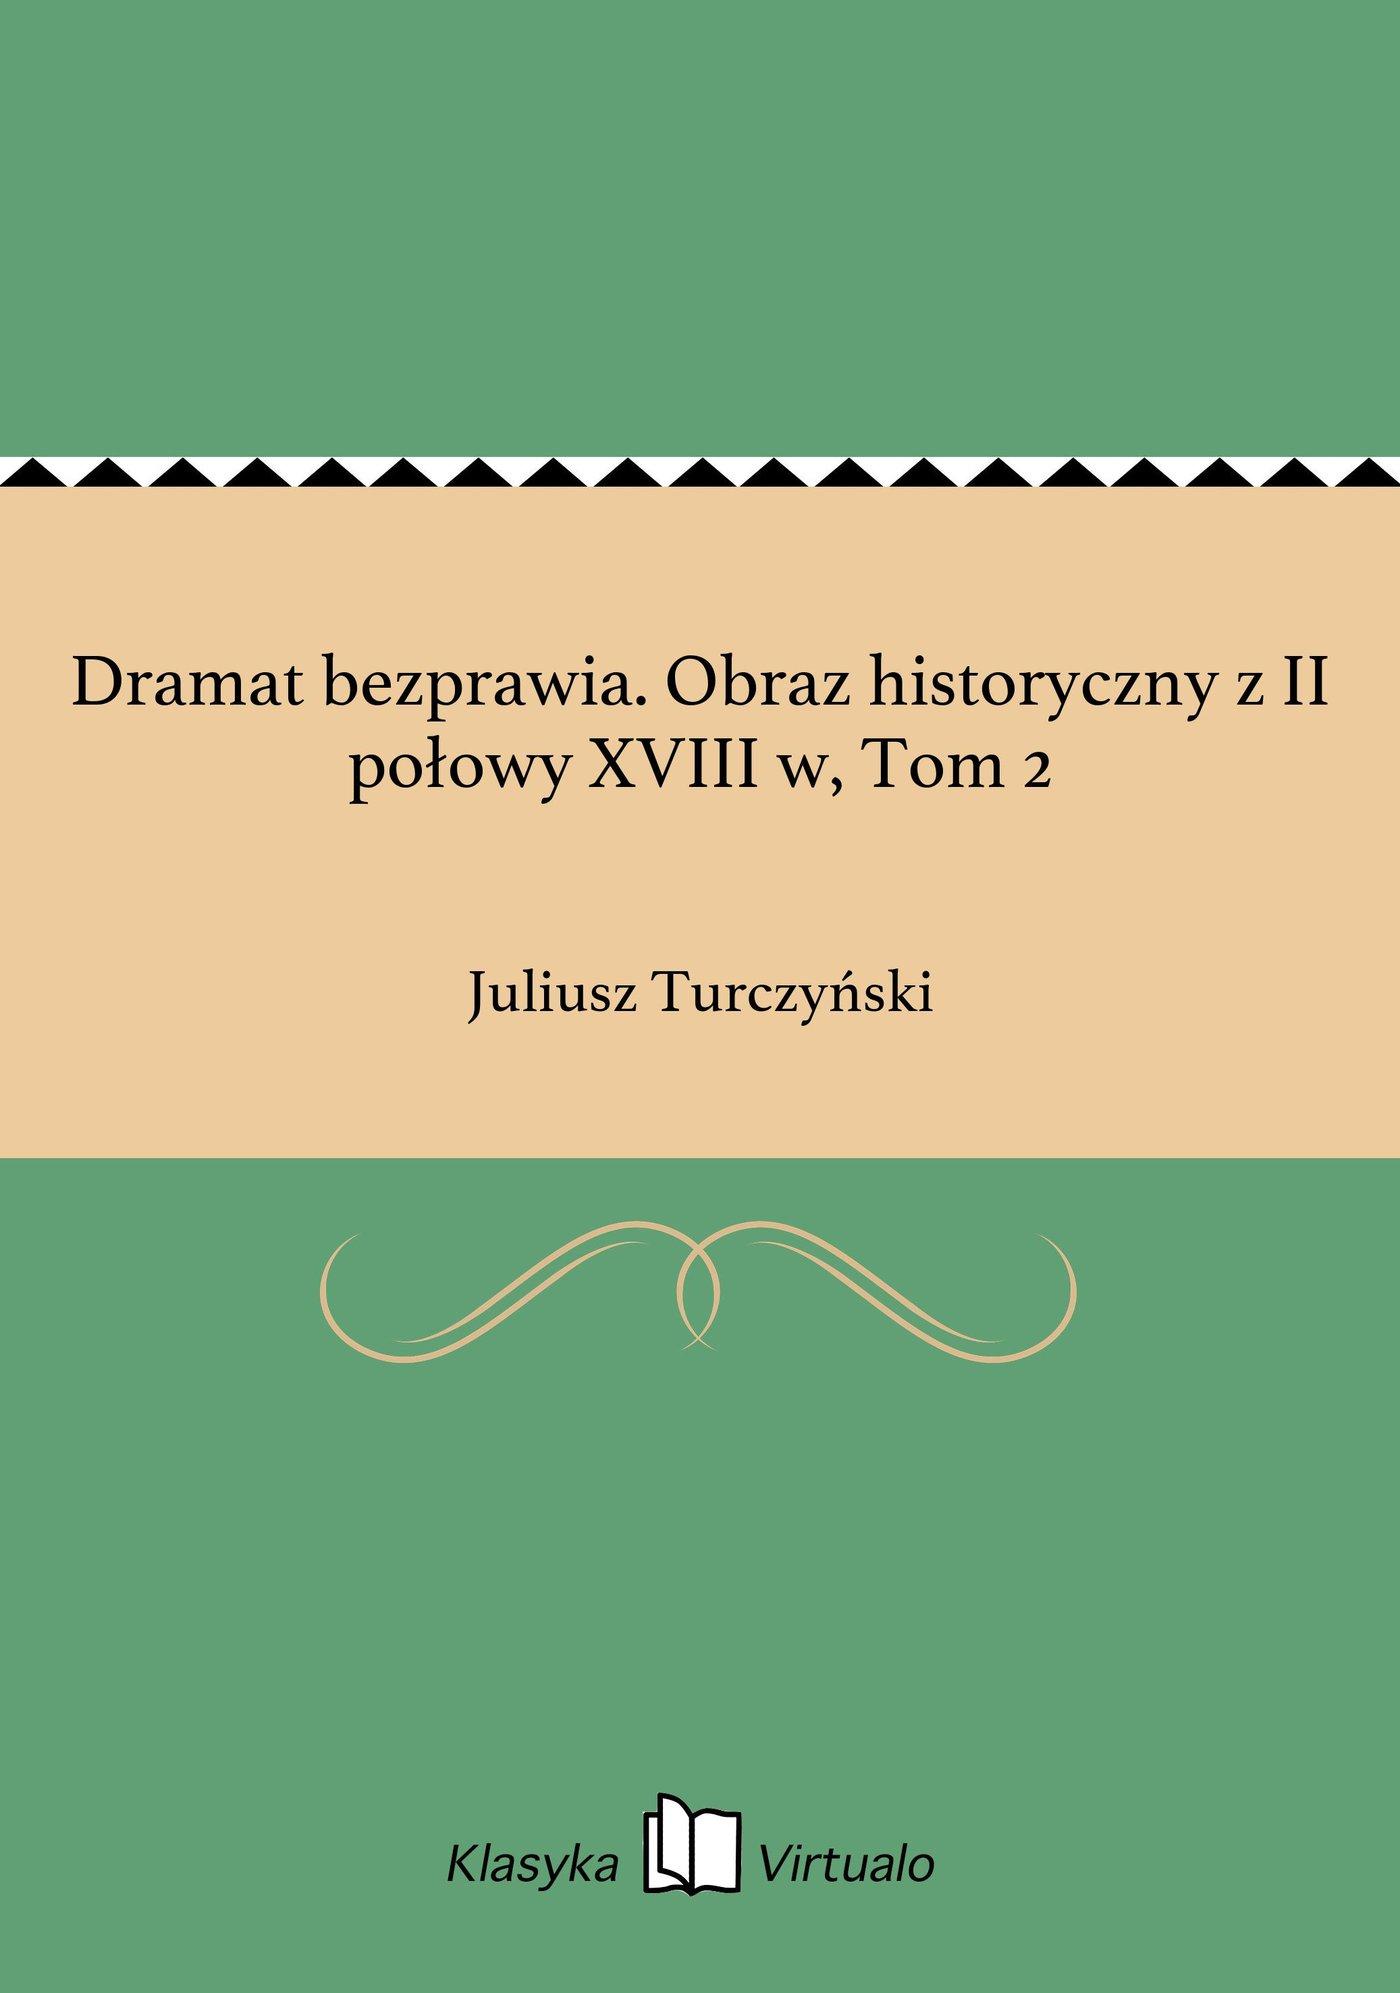 Dramat bezprawia. Obraz historyczny z II połowy XVIII w, Tom 2 - Ebook (Książka EPUB) do pobrania w formacie EPUB